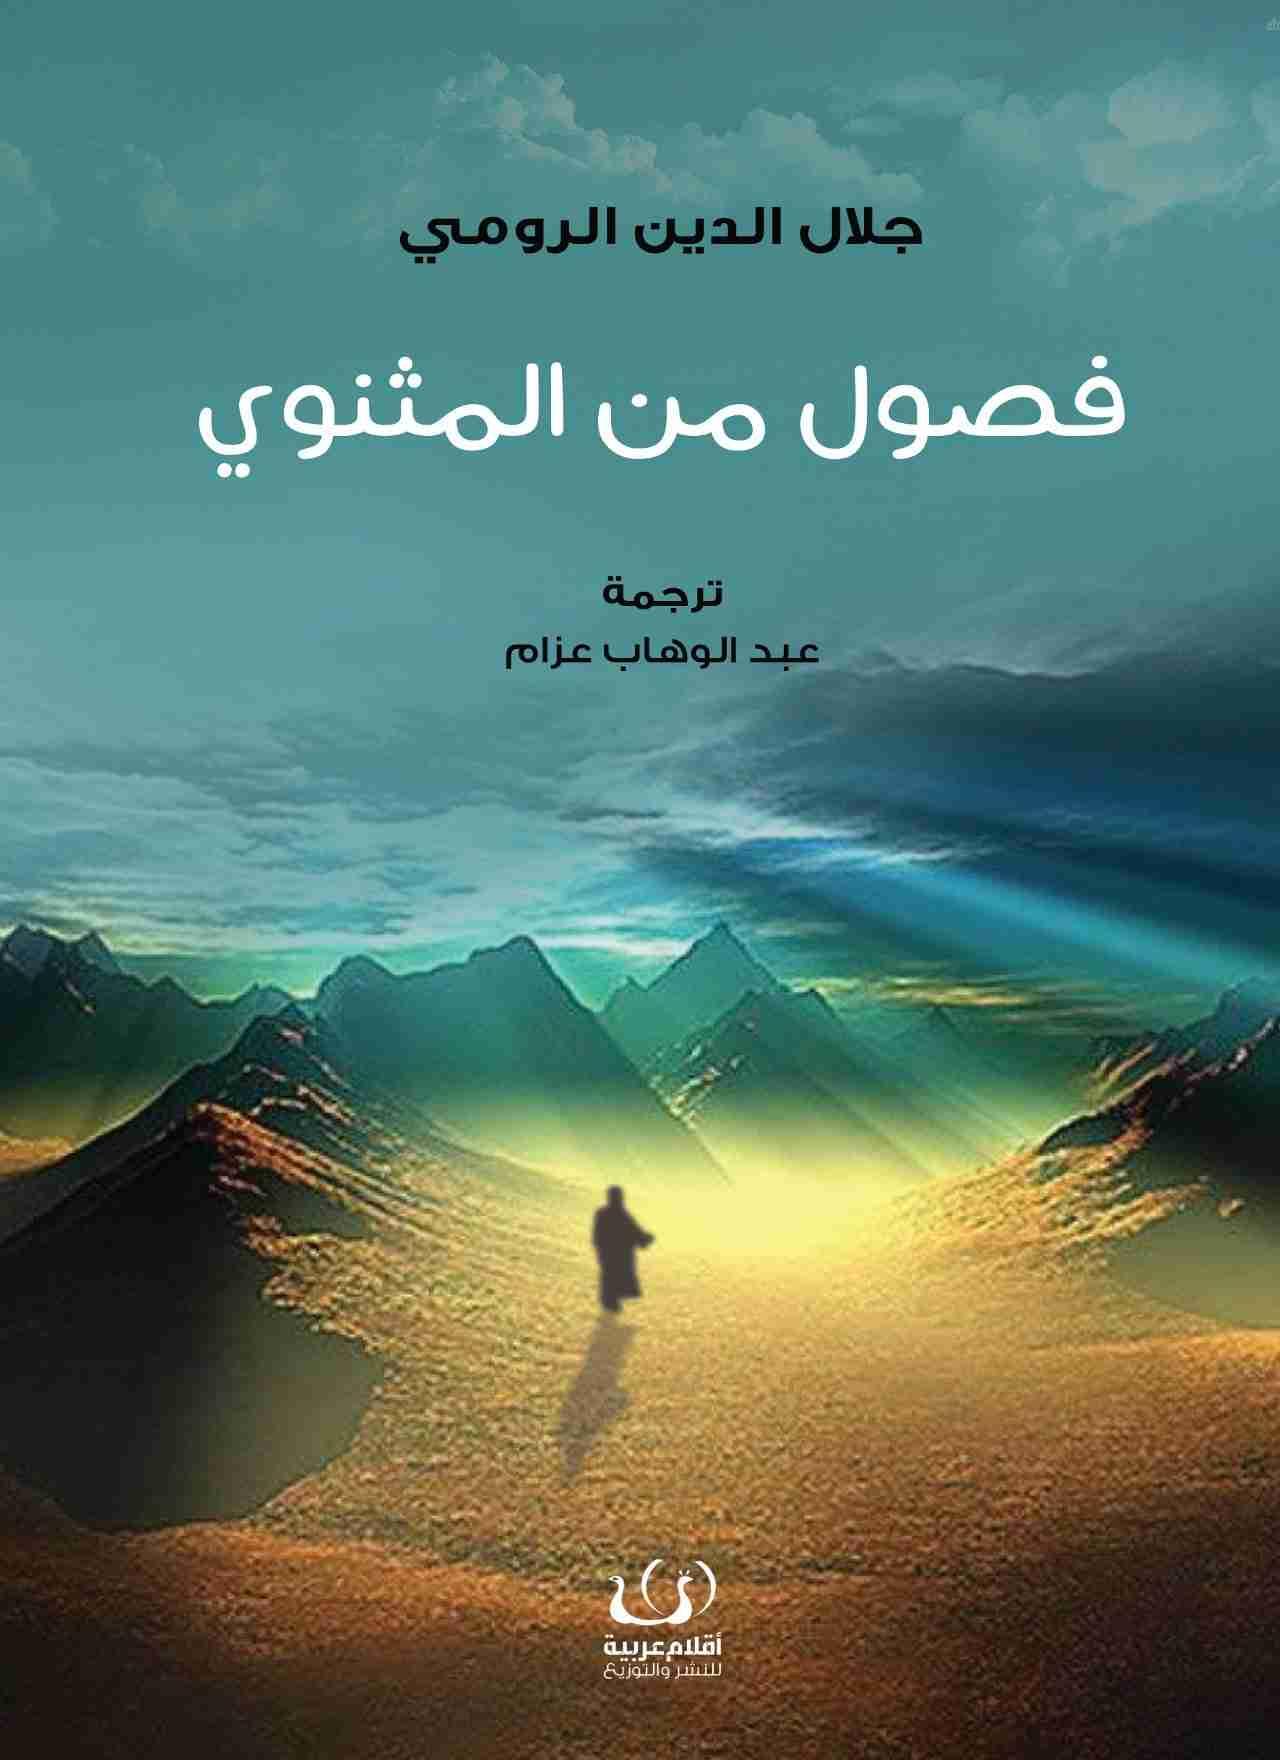 كتاب فصول من المثنوي لـ جلال الدين الرومي